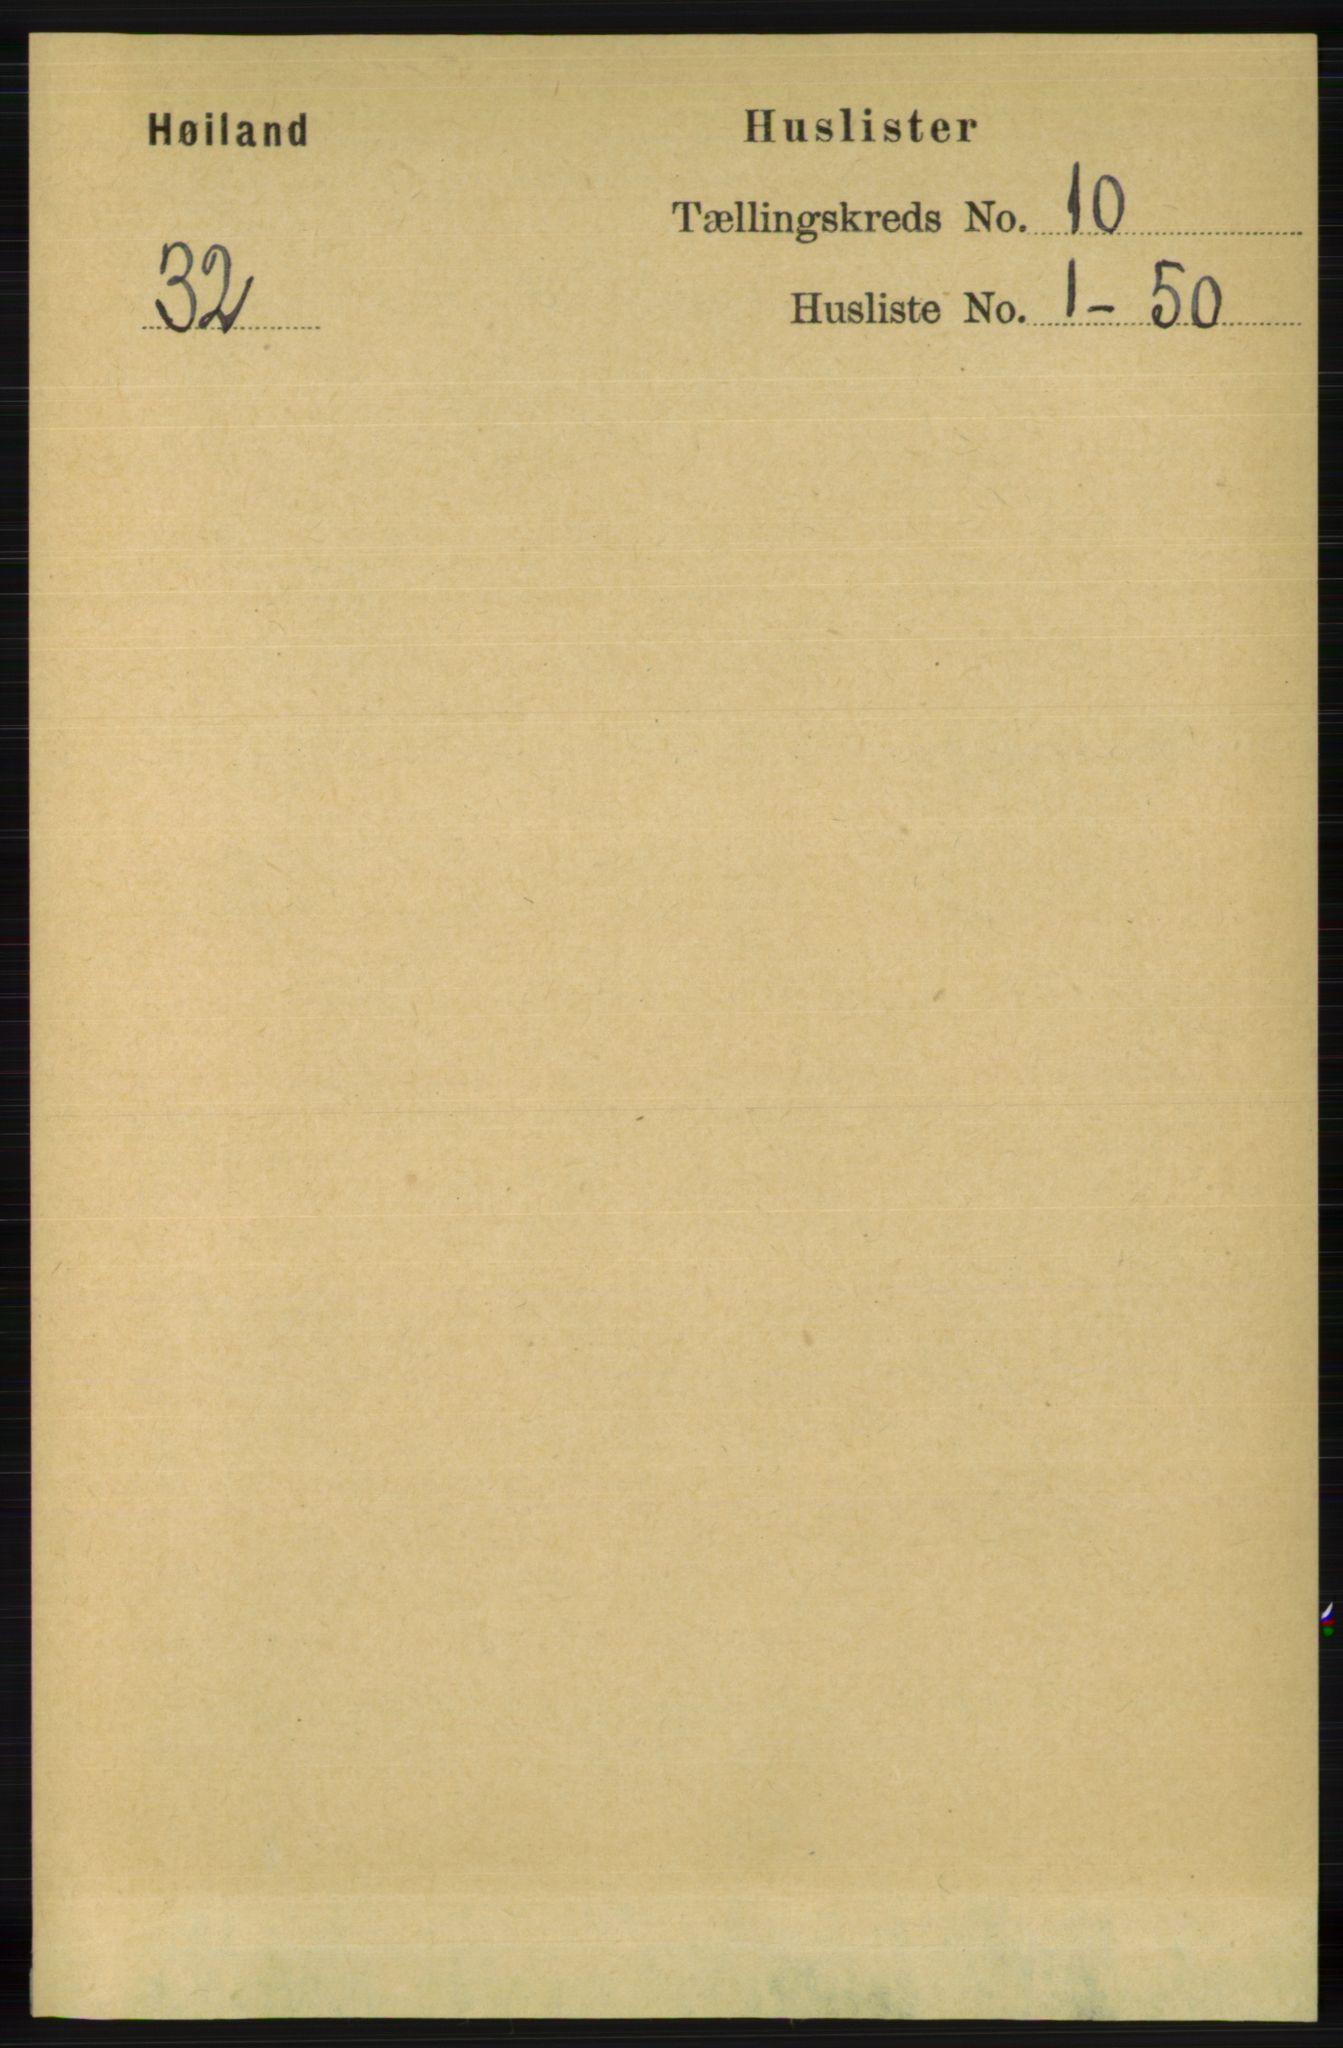 RA, Folketelling 1891 for 1123 Høyland herred, 1891, s. 4048